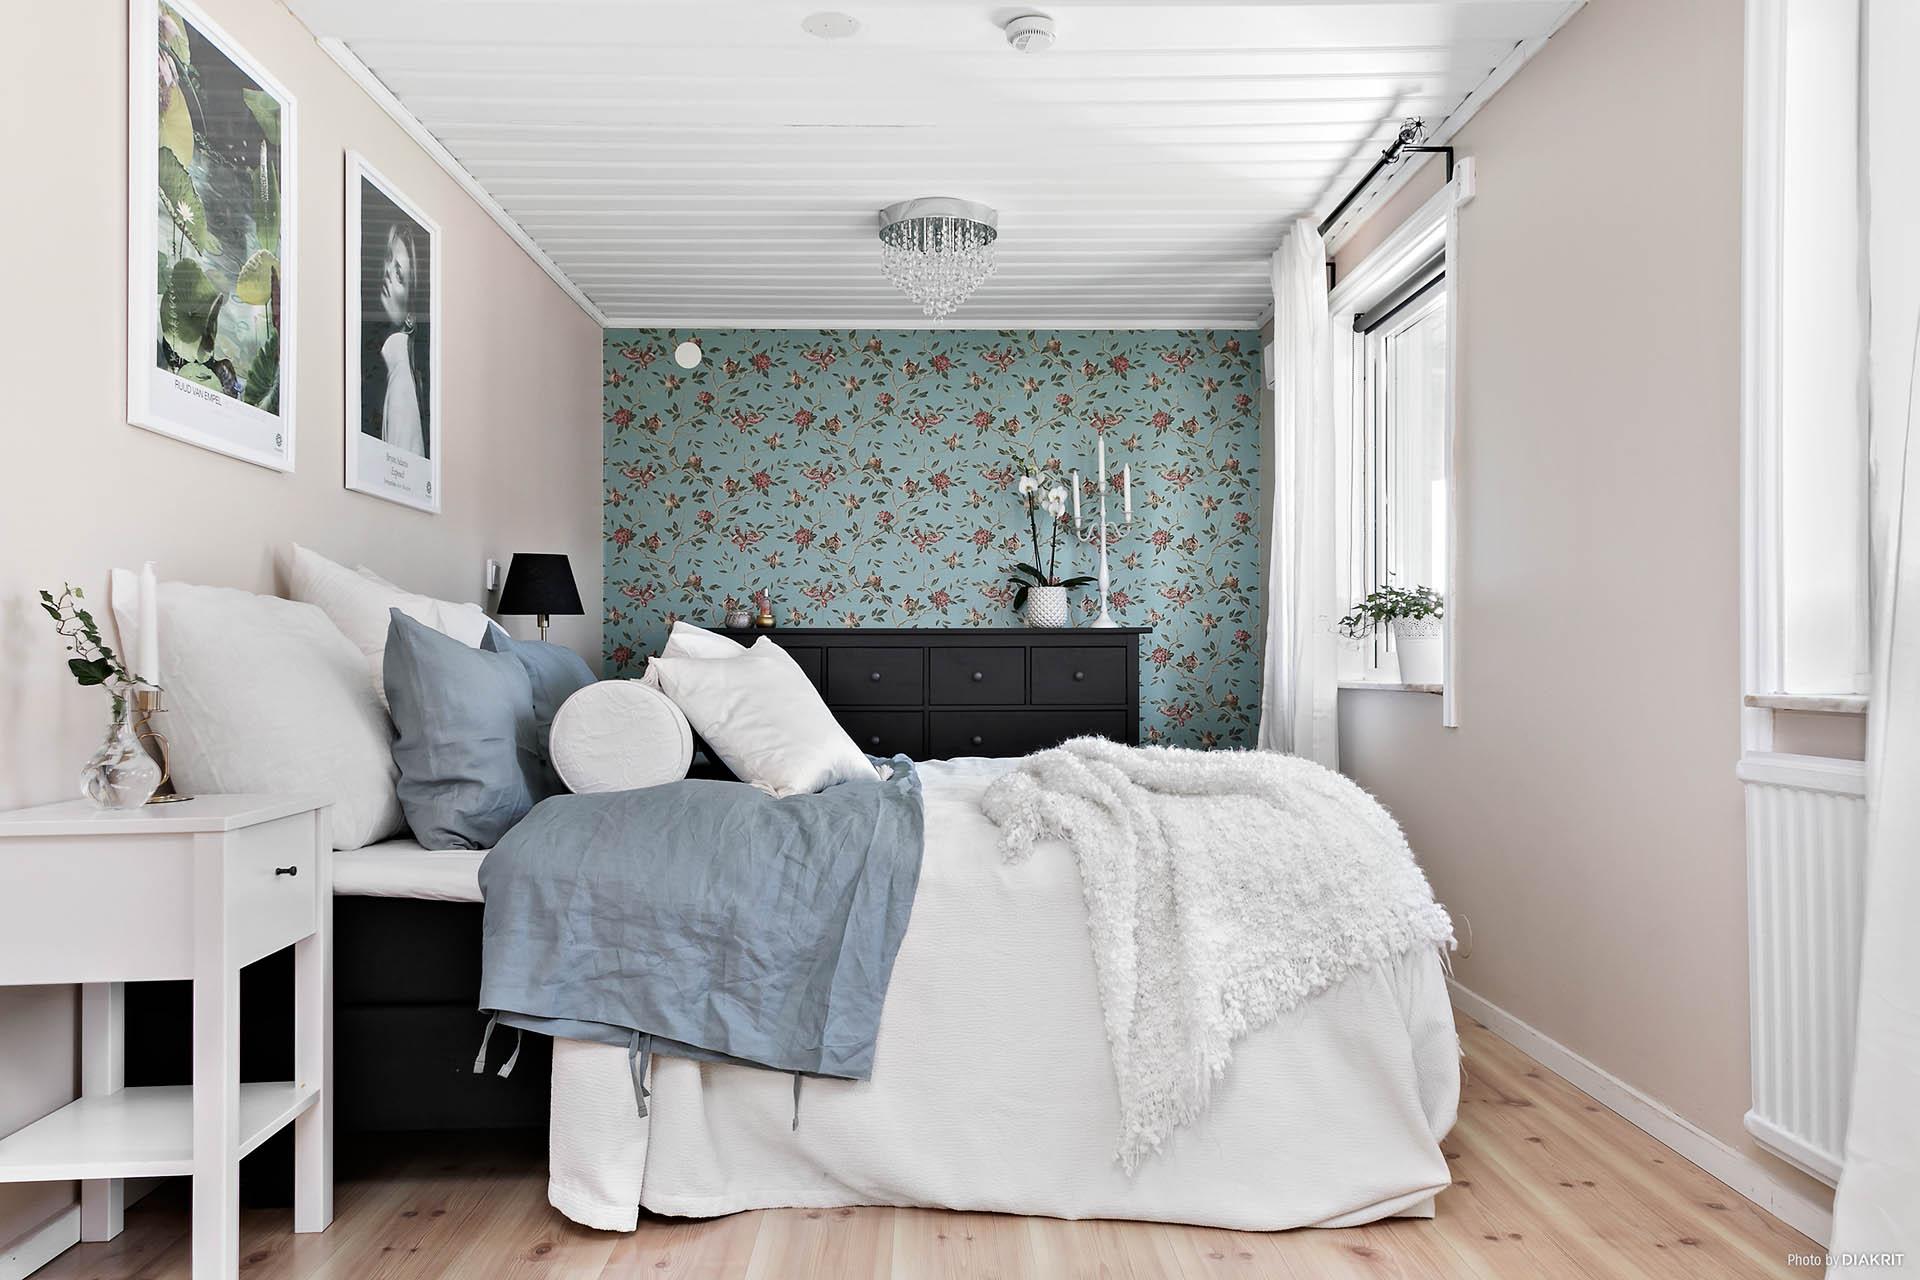 Sovrum 1 Master bedroom. Kan delas till två rum.